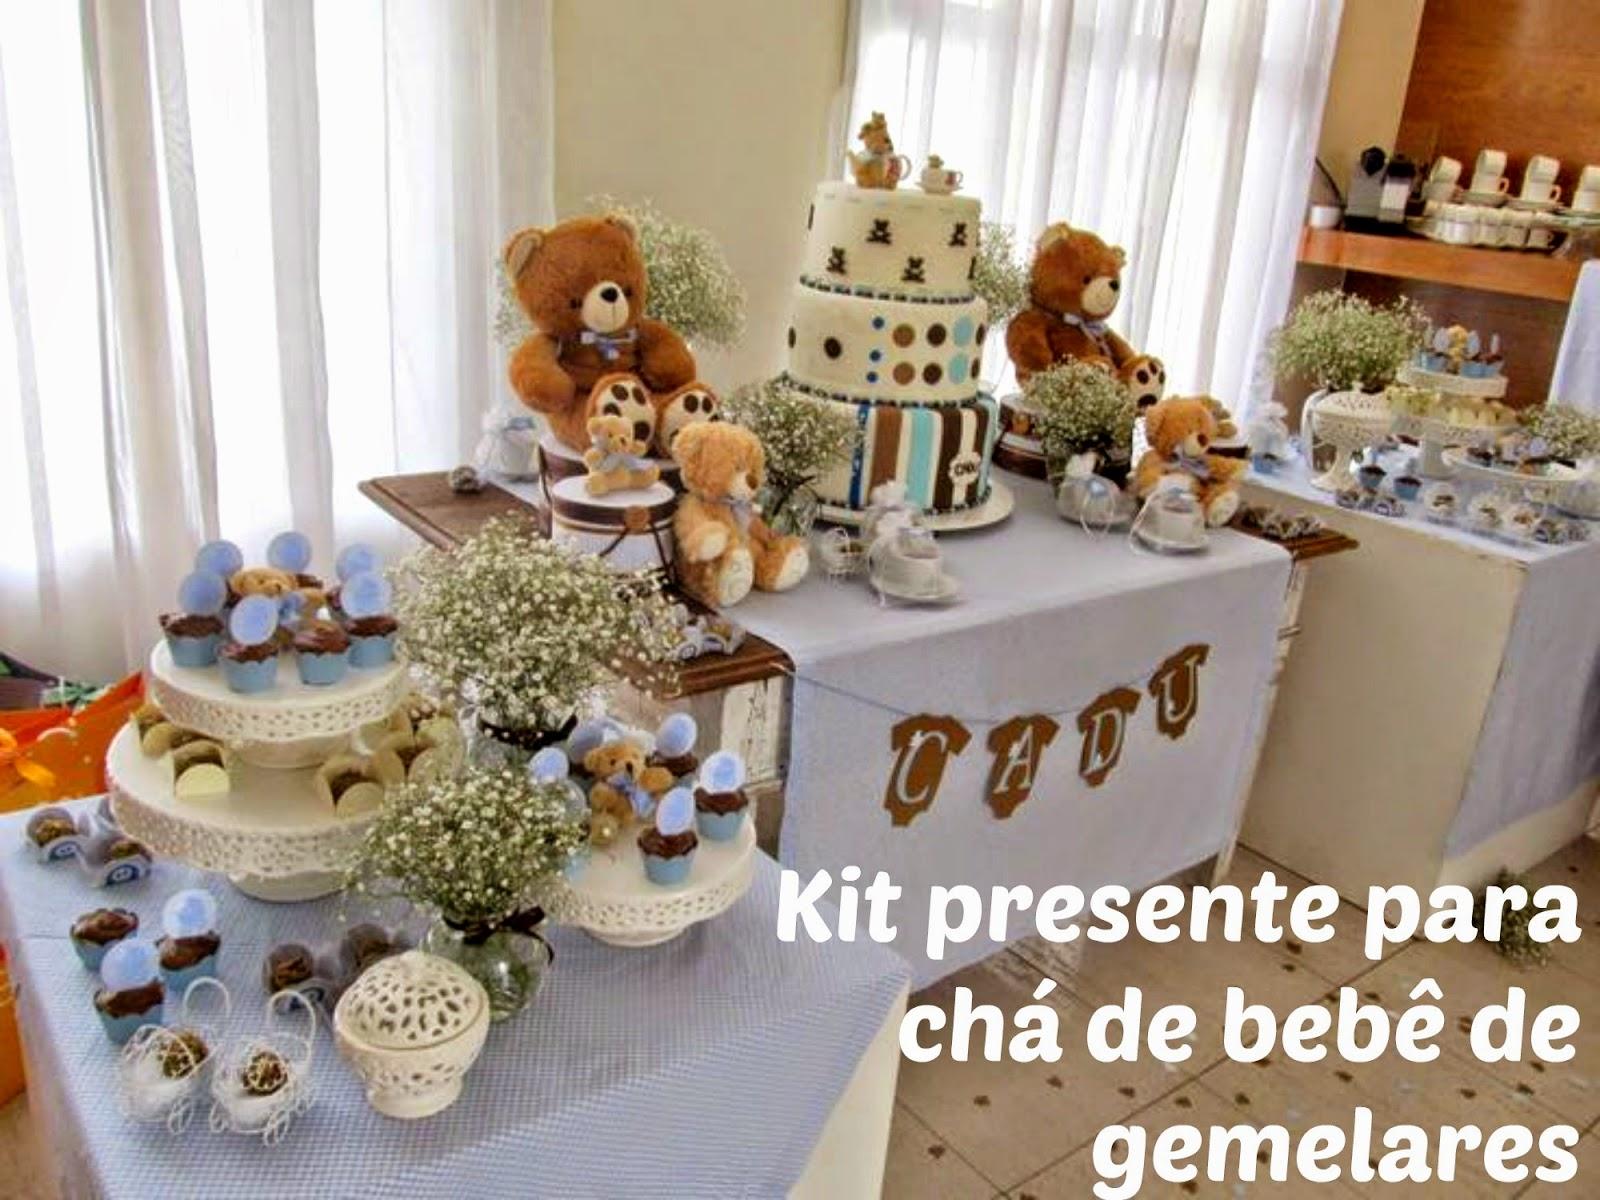 Kit presente para chá de bebê de gemelares